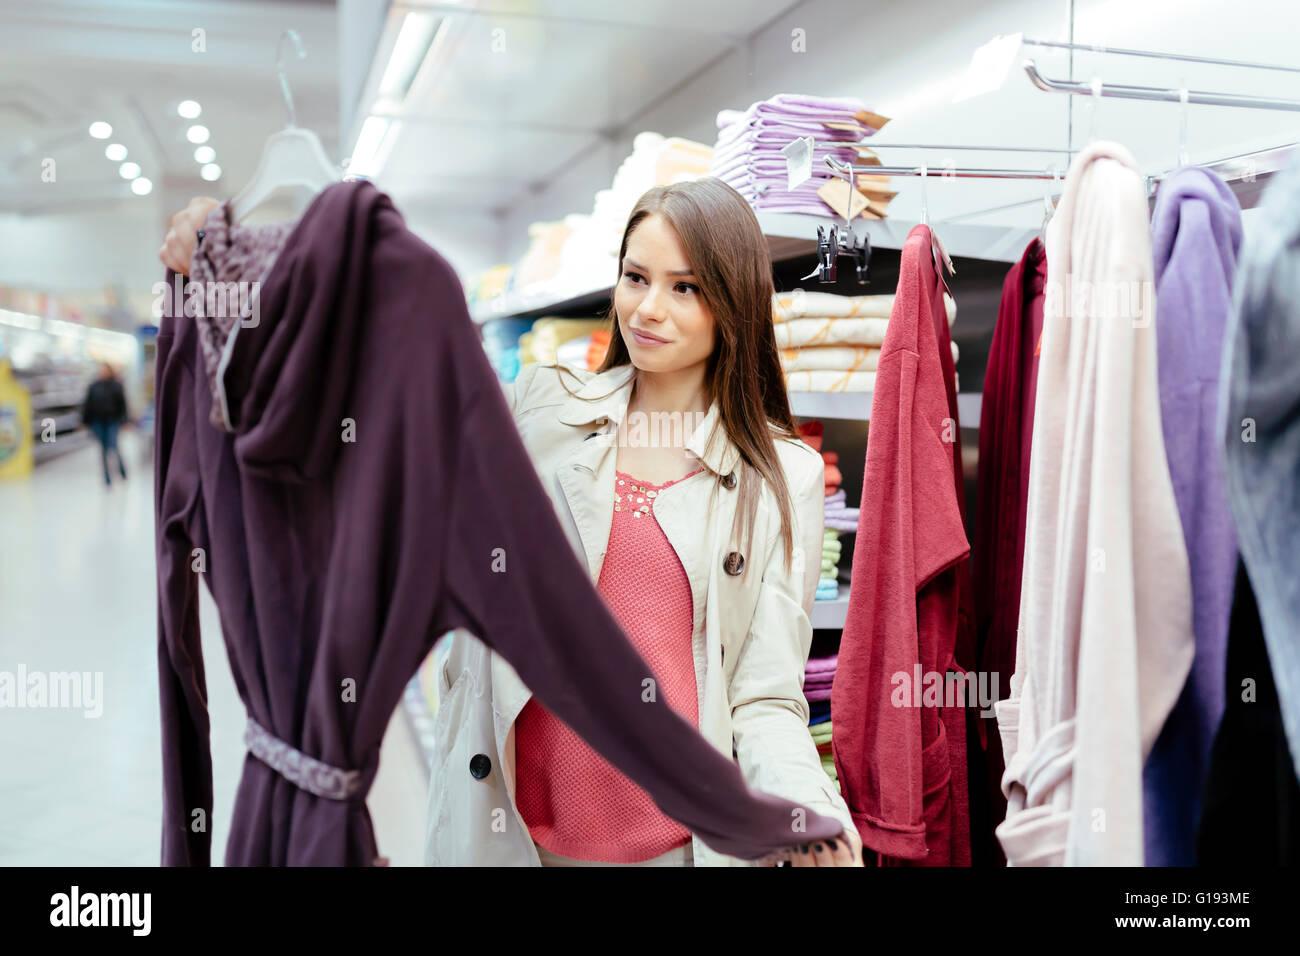 Bella mujer ojeando ropa Imagen De Stock